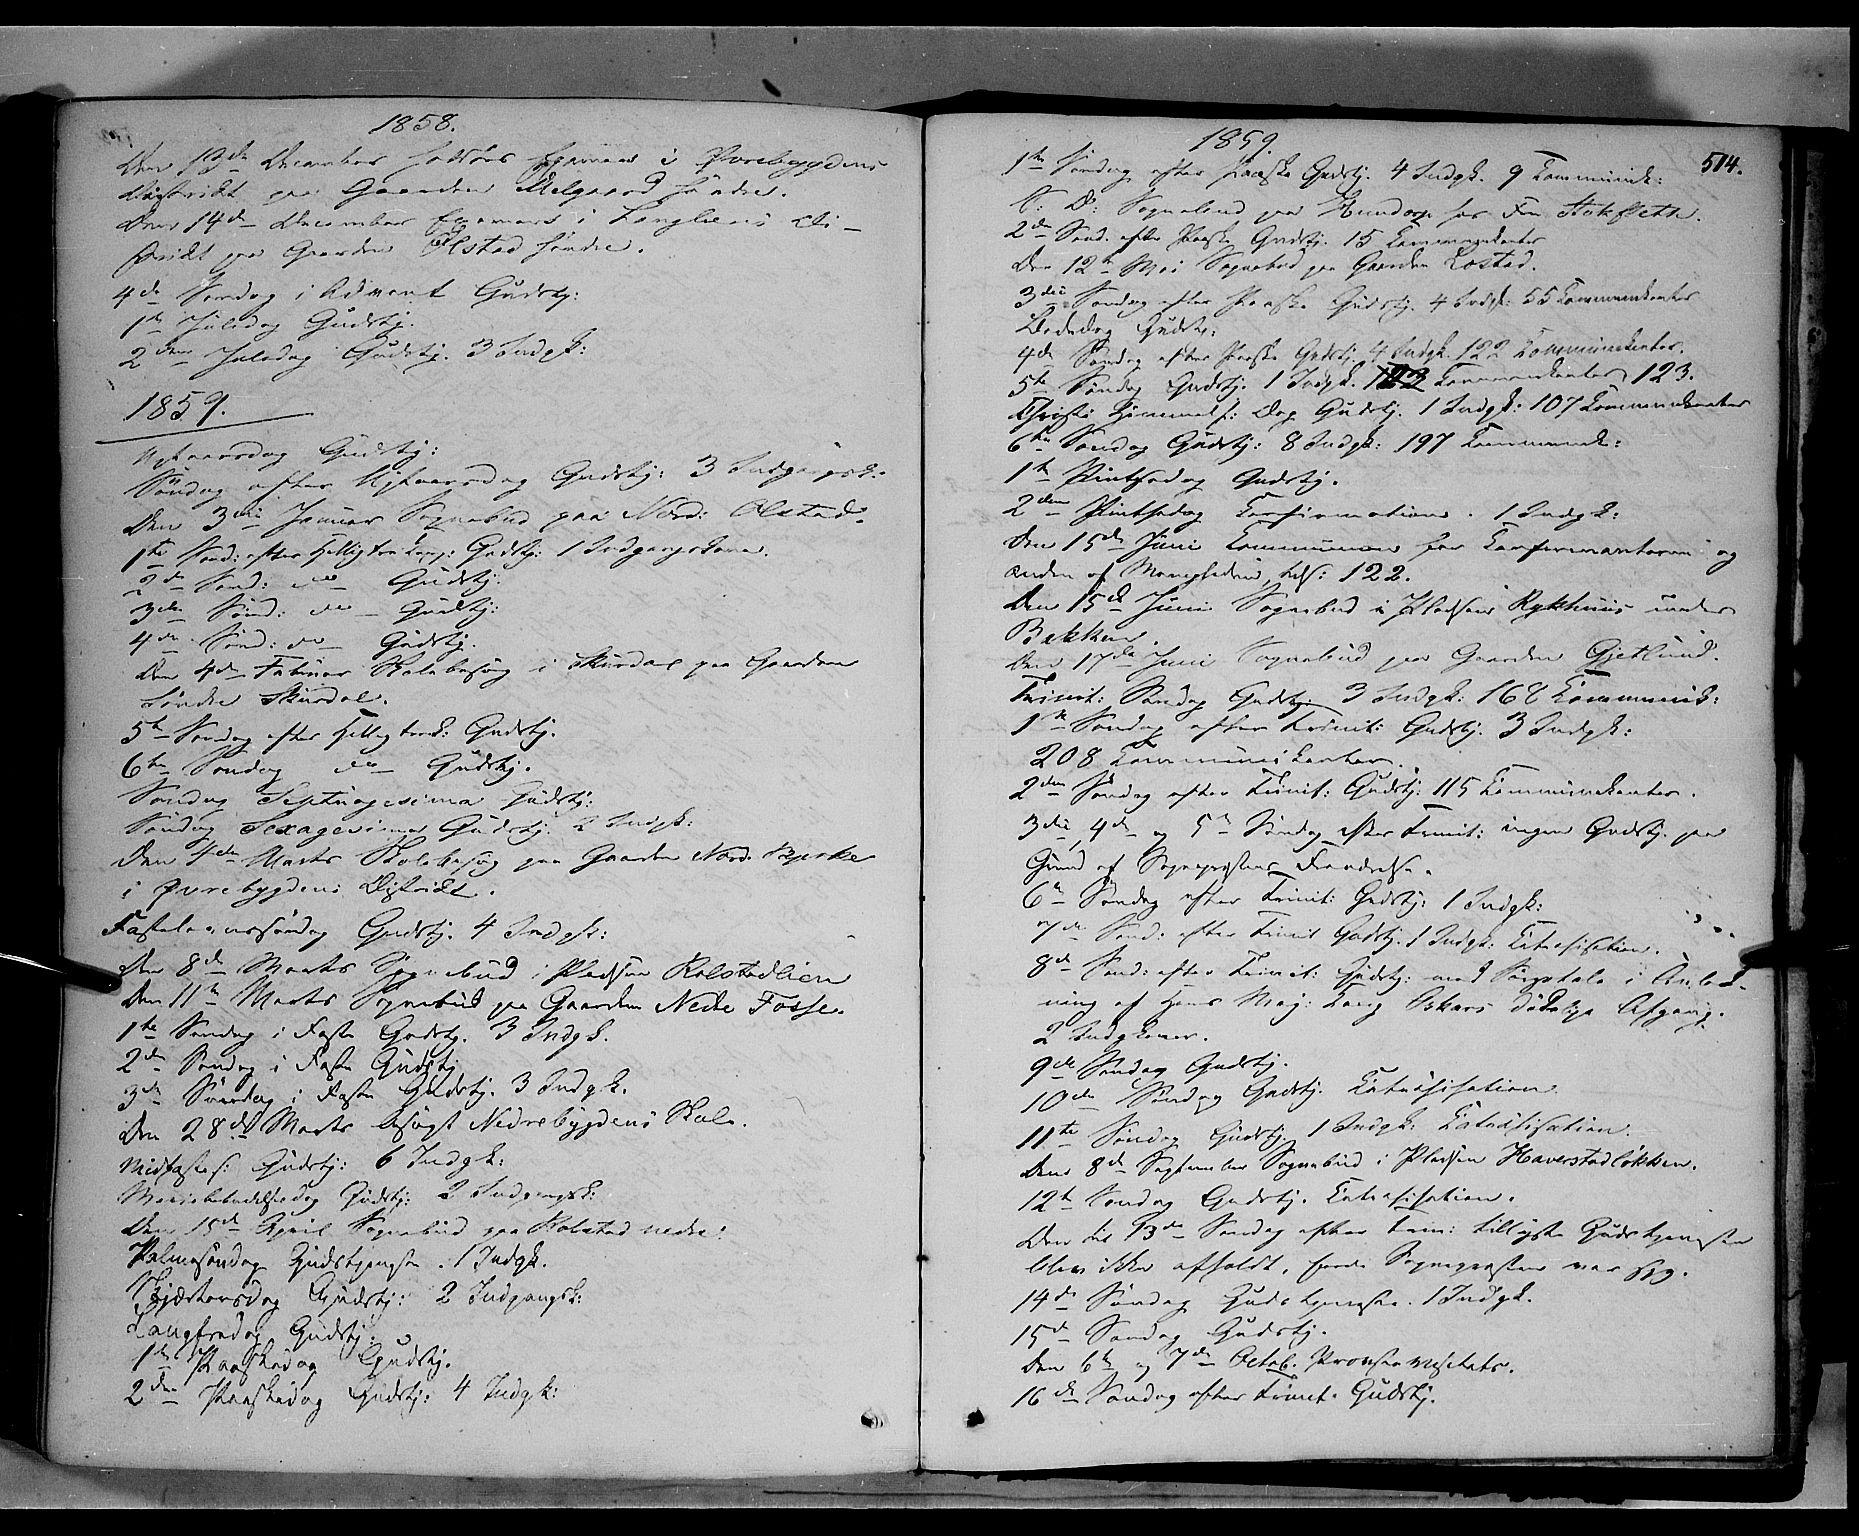 SAH, Sør-Fron prestekontor, H/Ha/Haa/L0001: Ministerialbok nr. 1, 1849-1863, s. 514